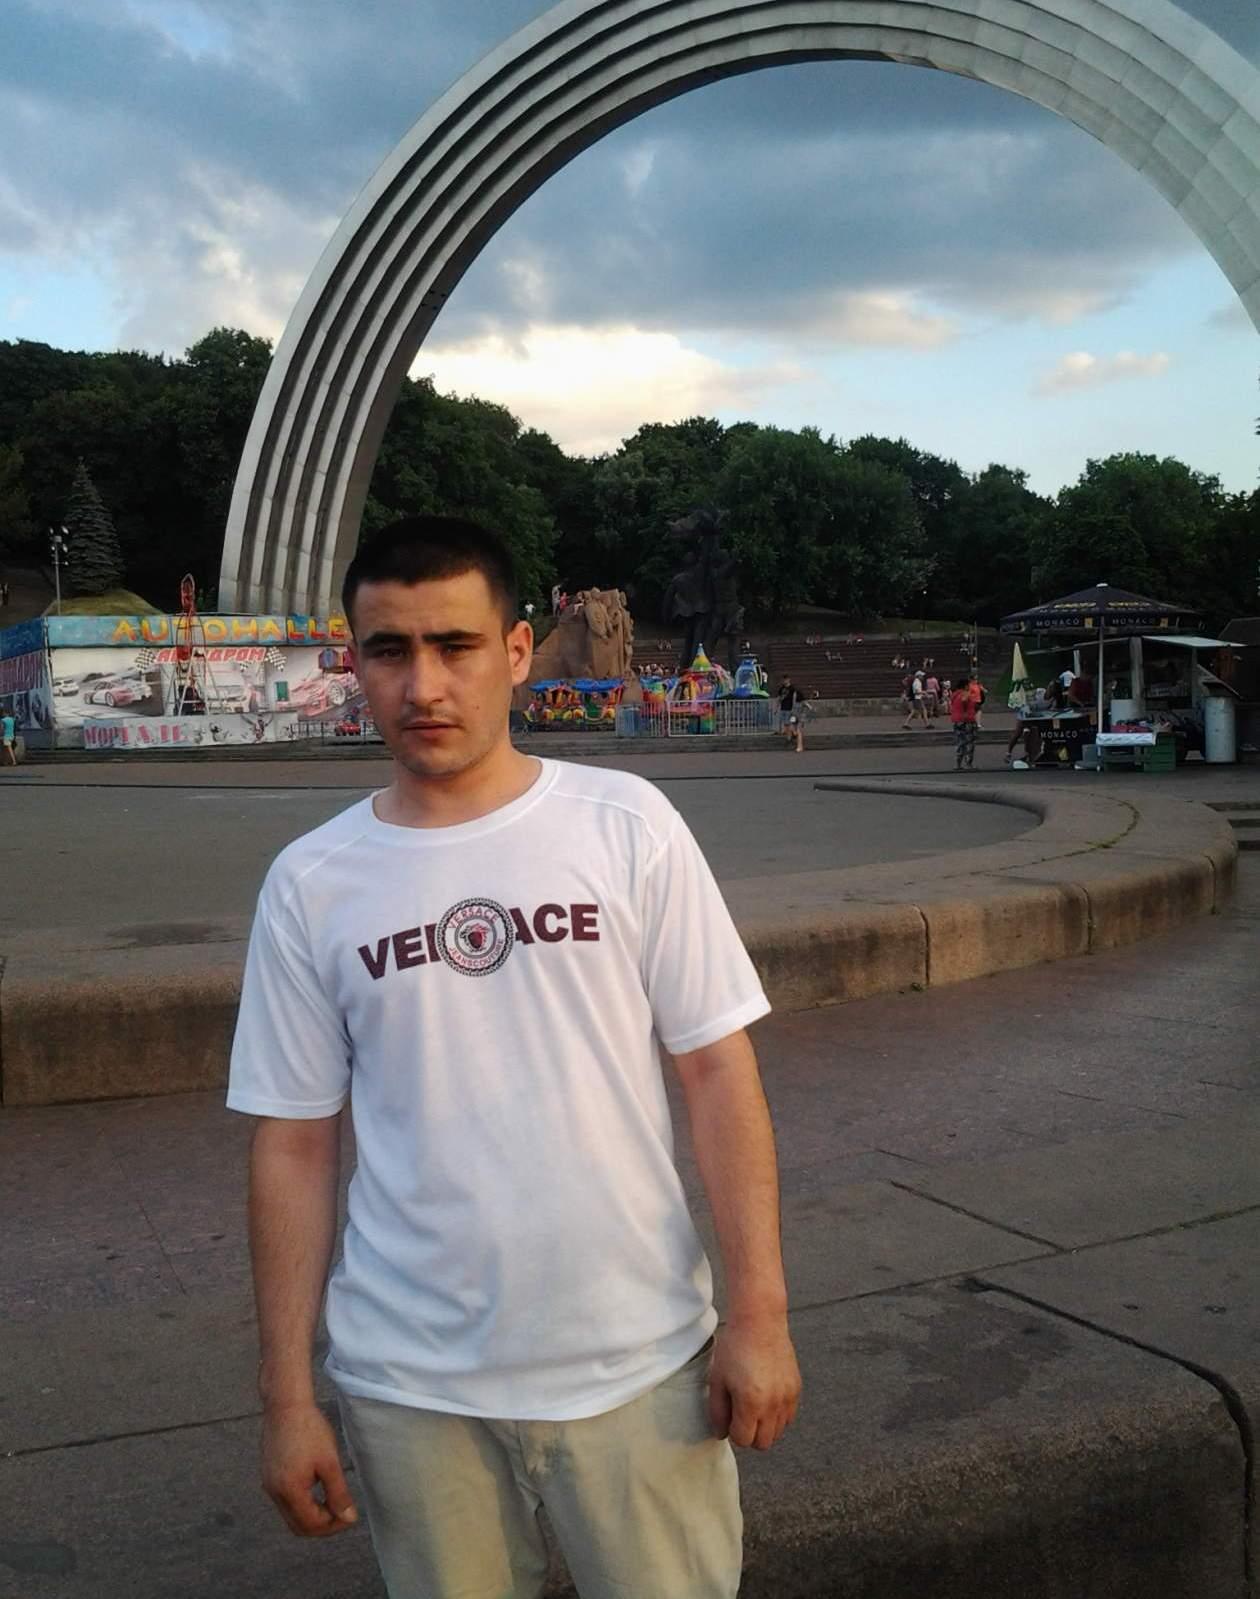 ukrainku-lishayut-za-dengi-smotret-video-lesbiyanok-v-vozraste